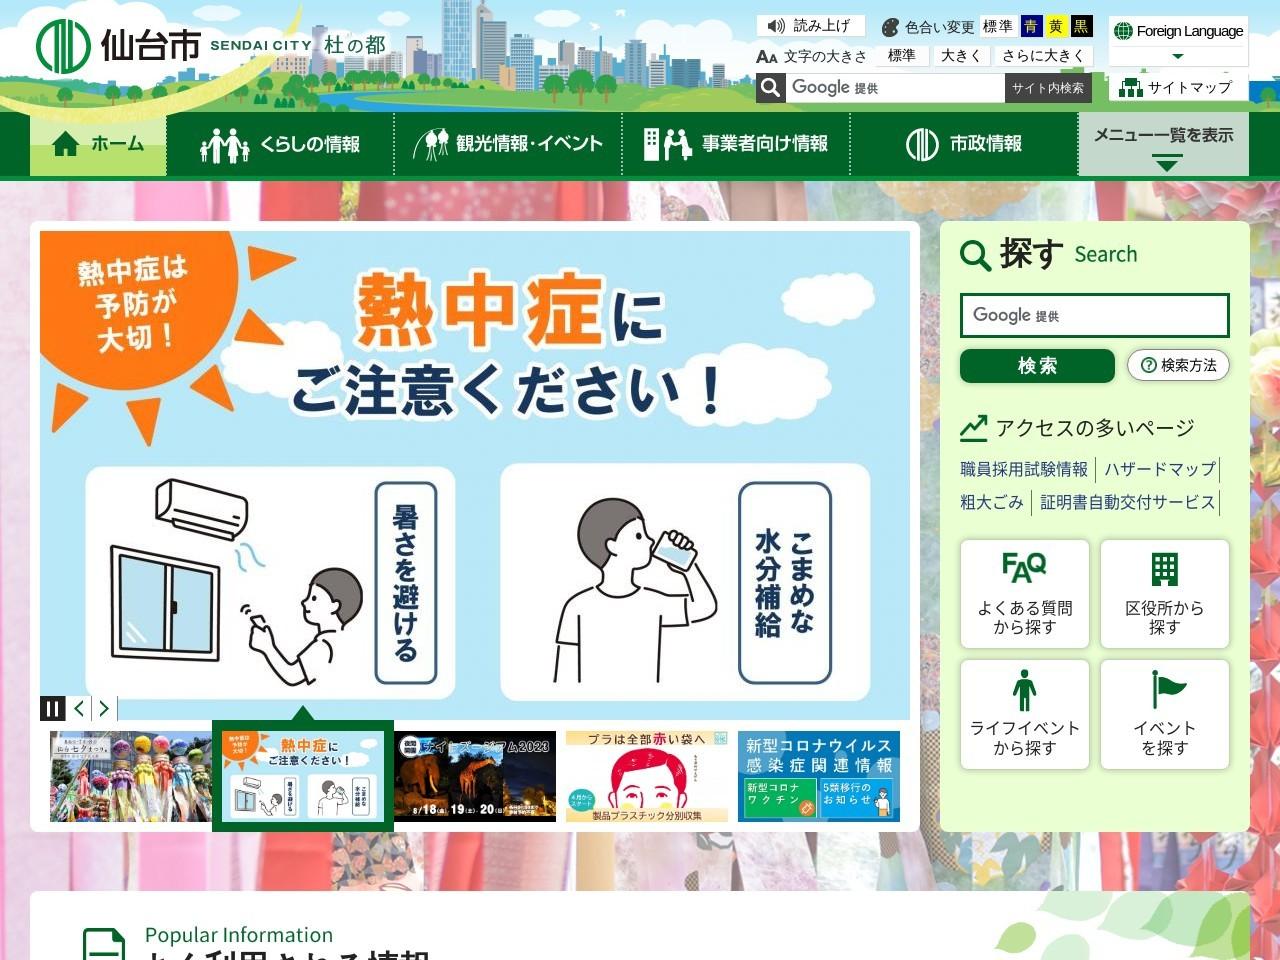 http://www.city.sendai.jp/soumu/kouhou/shisei/sis1512/aoba/aoba_02.html